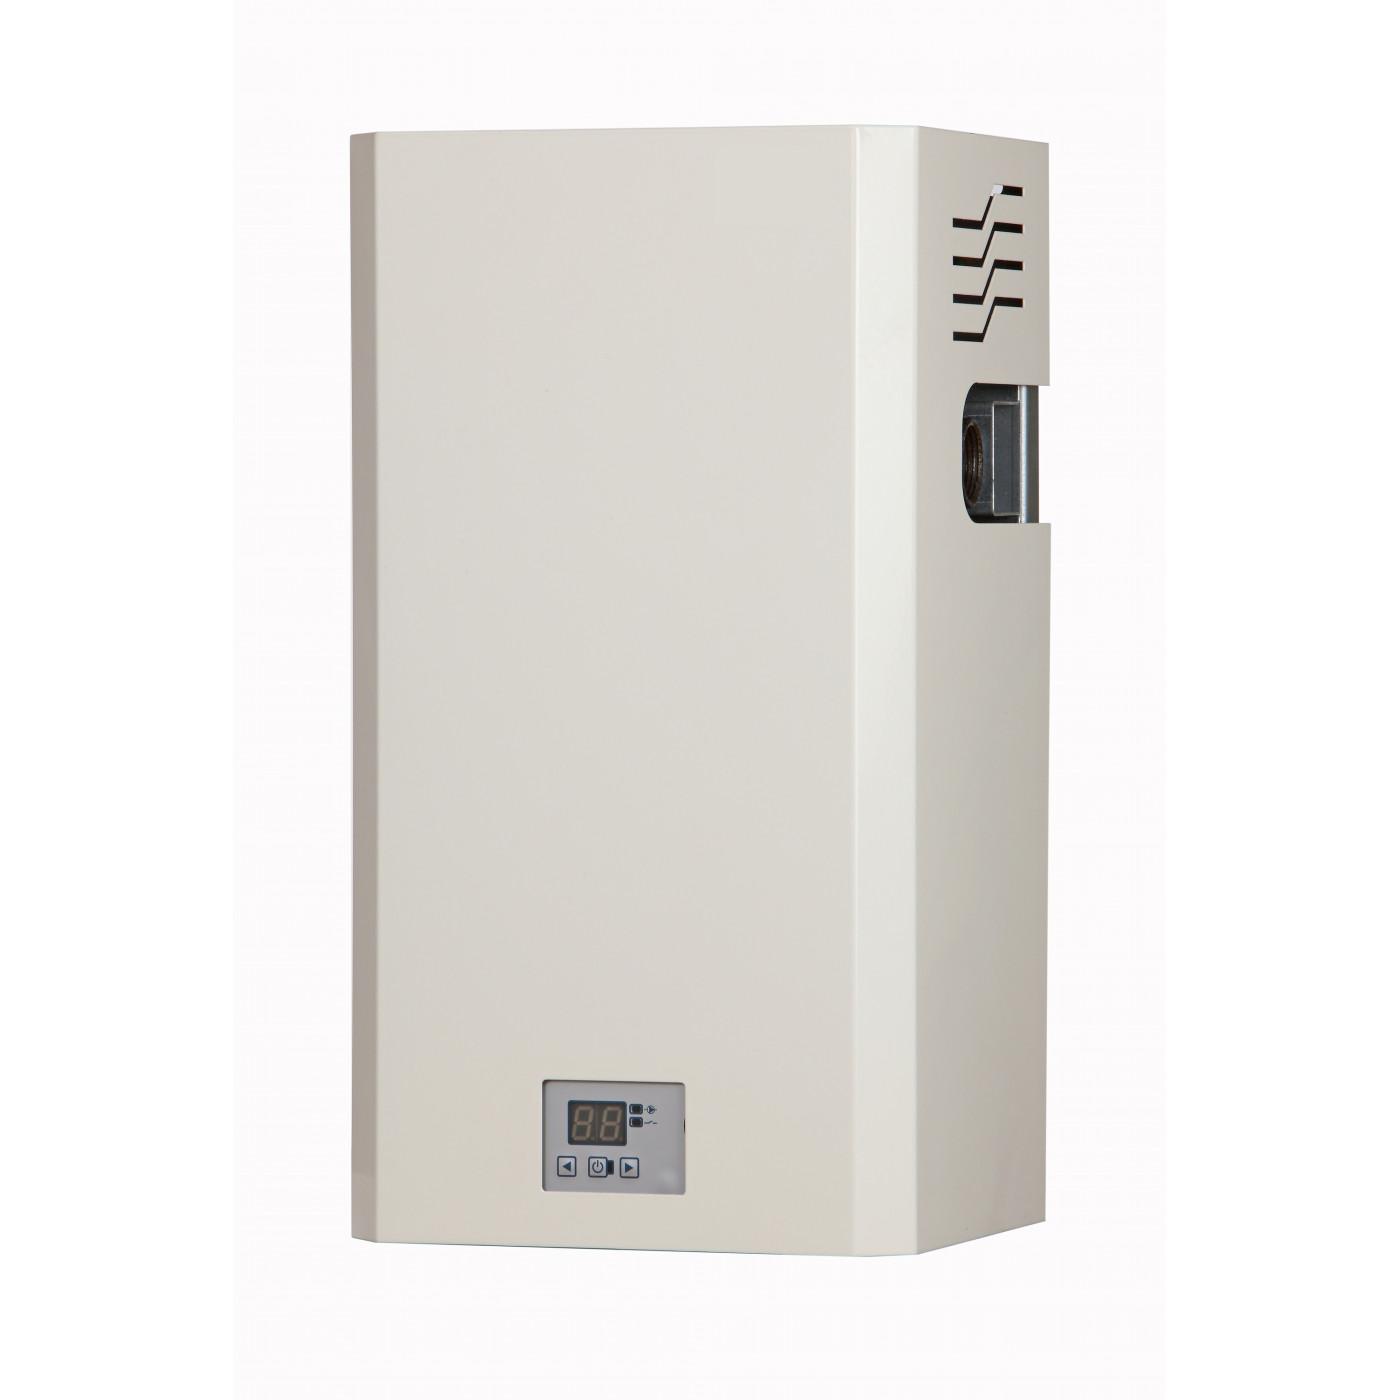 Elektro Heizkessel Heiztherme 9 kW elektrische Heizanlage  Elektrozentralheizung Therme